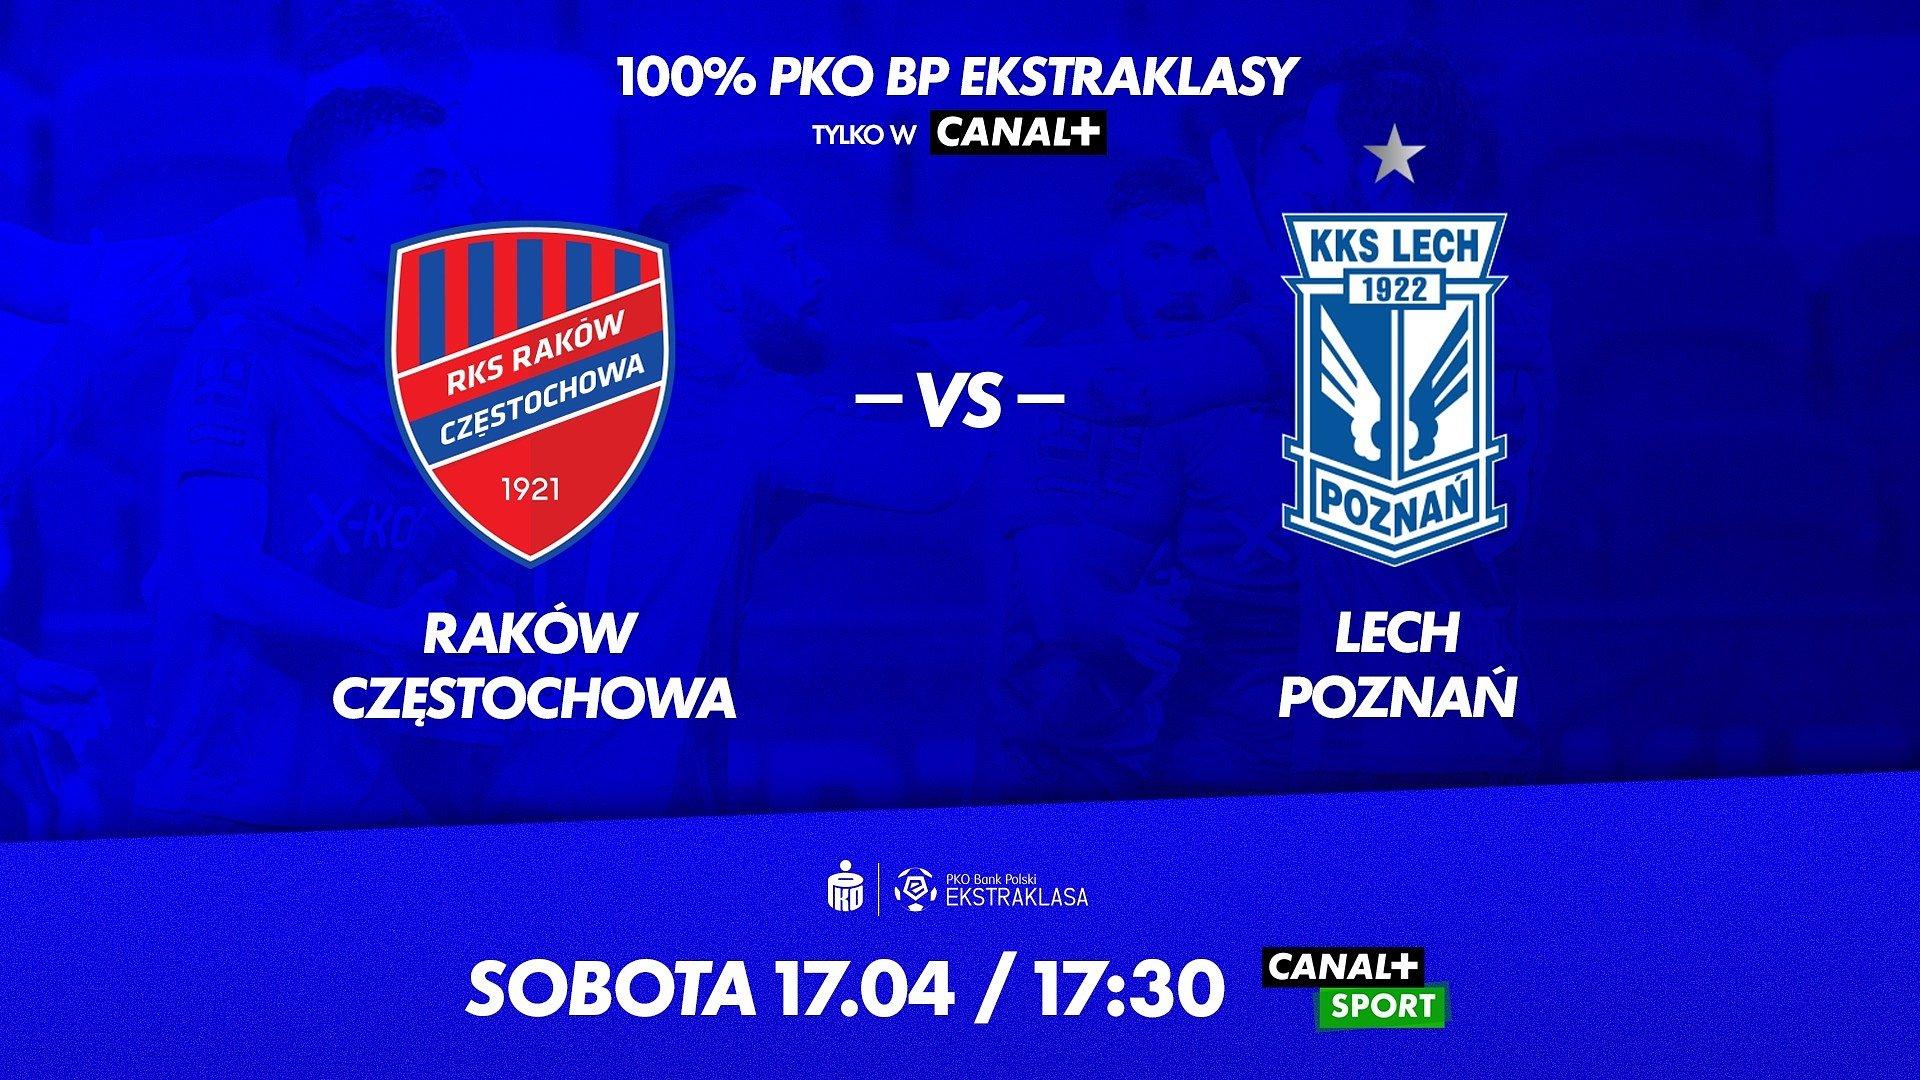 PKO Bank Polski Ekstraklasa wkracza w decydującą fazę. Zapowiedź transmisji w CANAL+